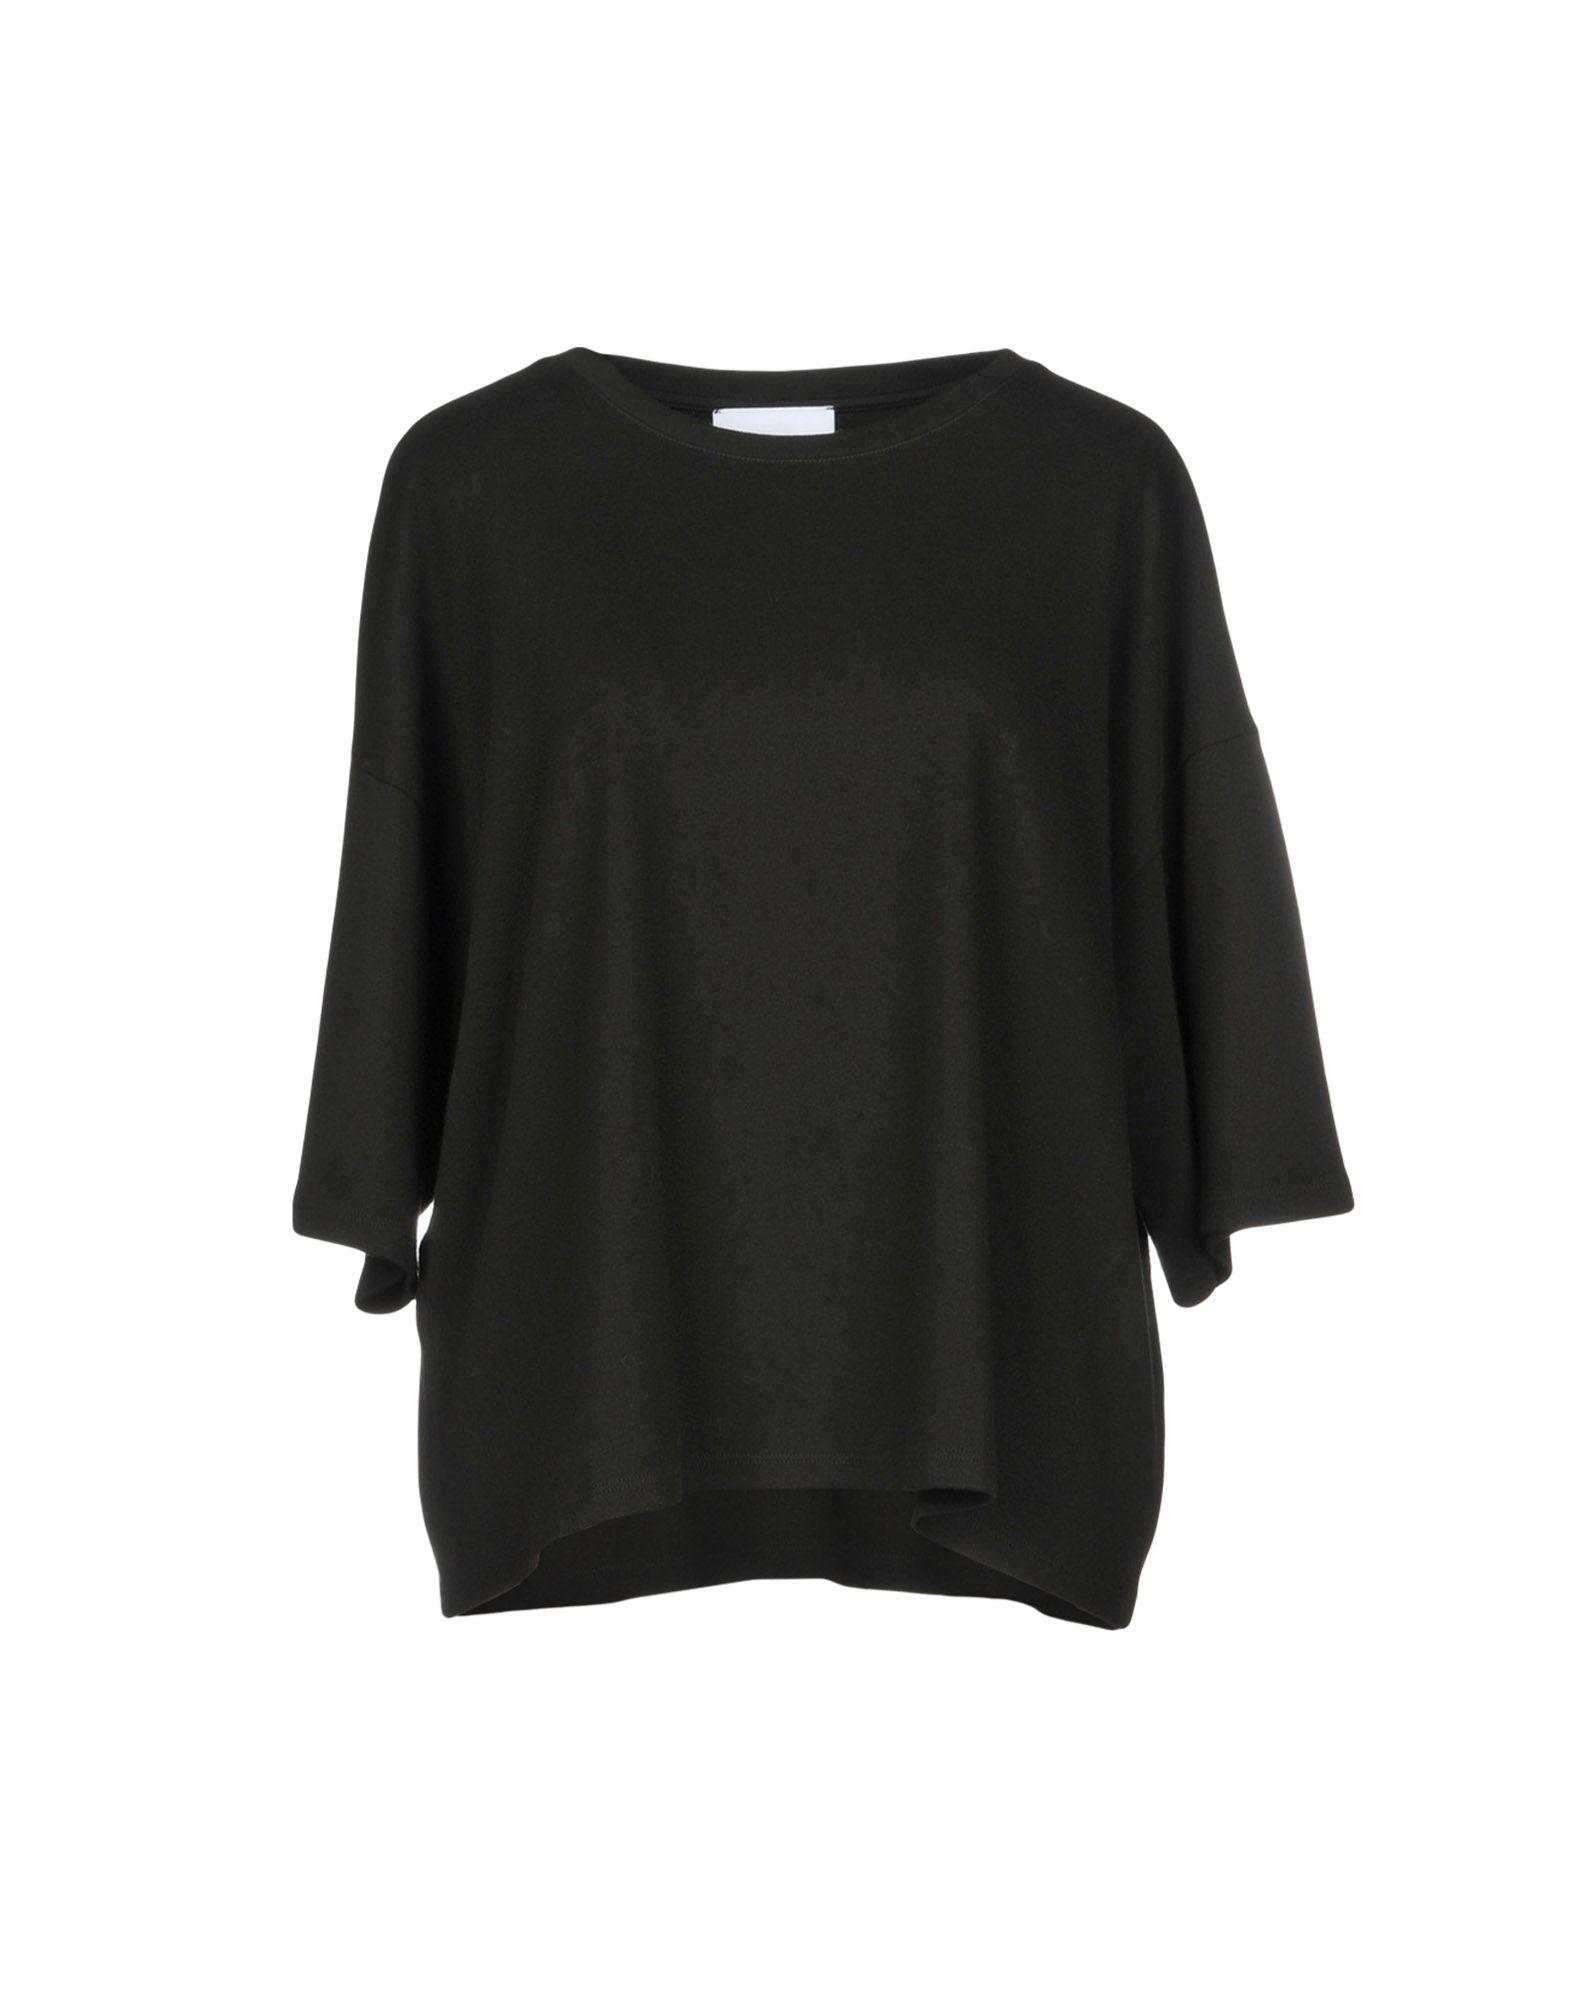 《送料無料》C.Y.H. CLAP YOUR HAND レディース T シャツ ブラック one size コットン 100%